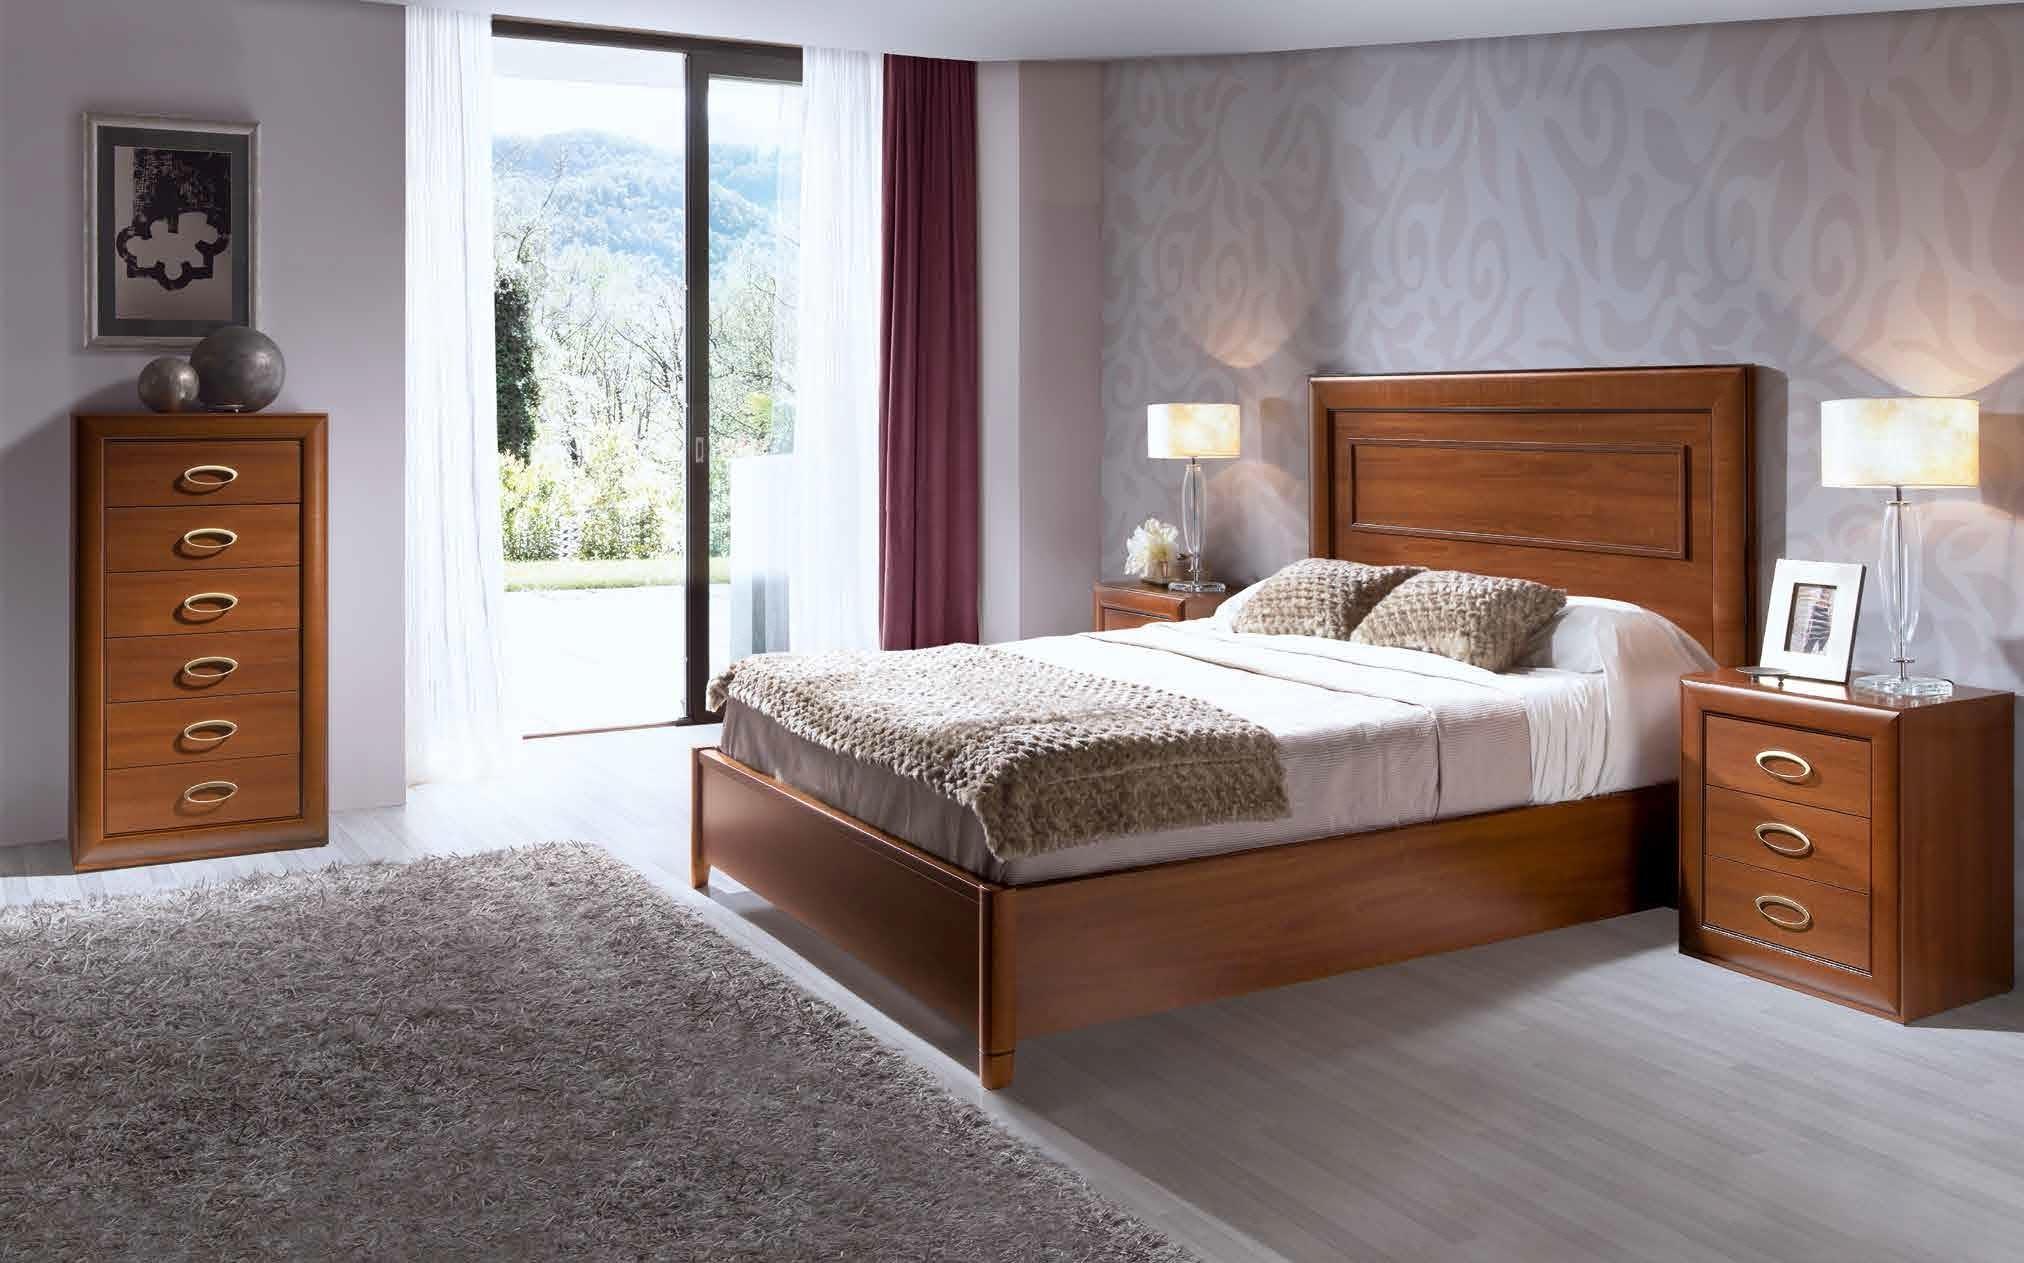 Dormitorios cl sicos 1 dormitorios juveniles - Dormitorios infantiles clasicos ...